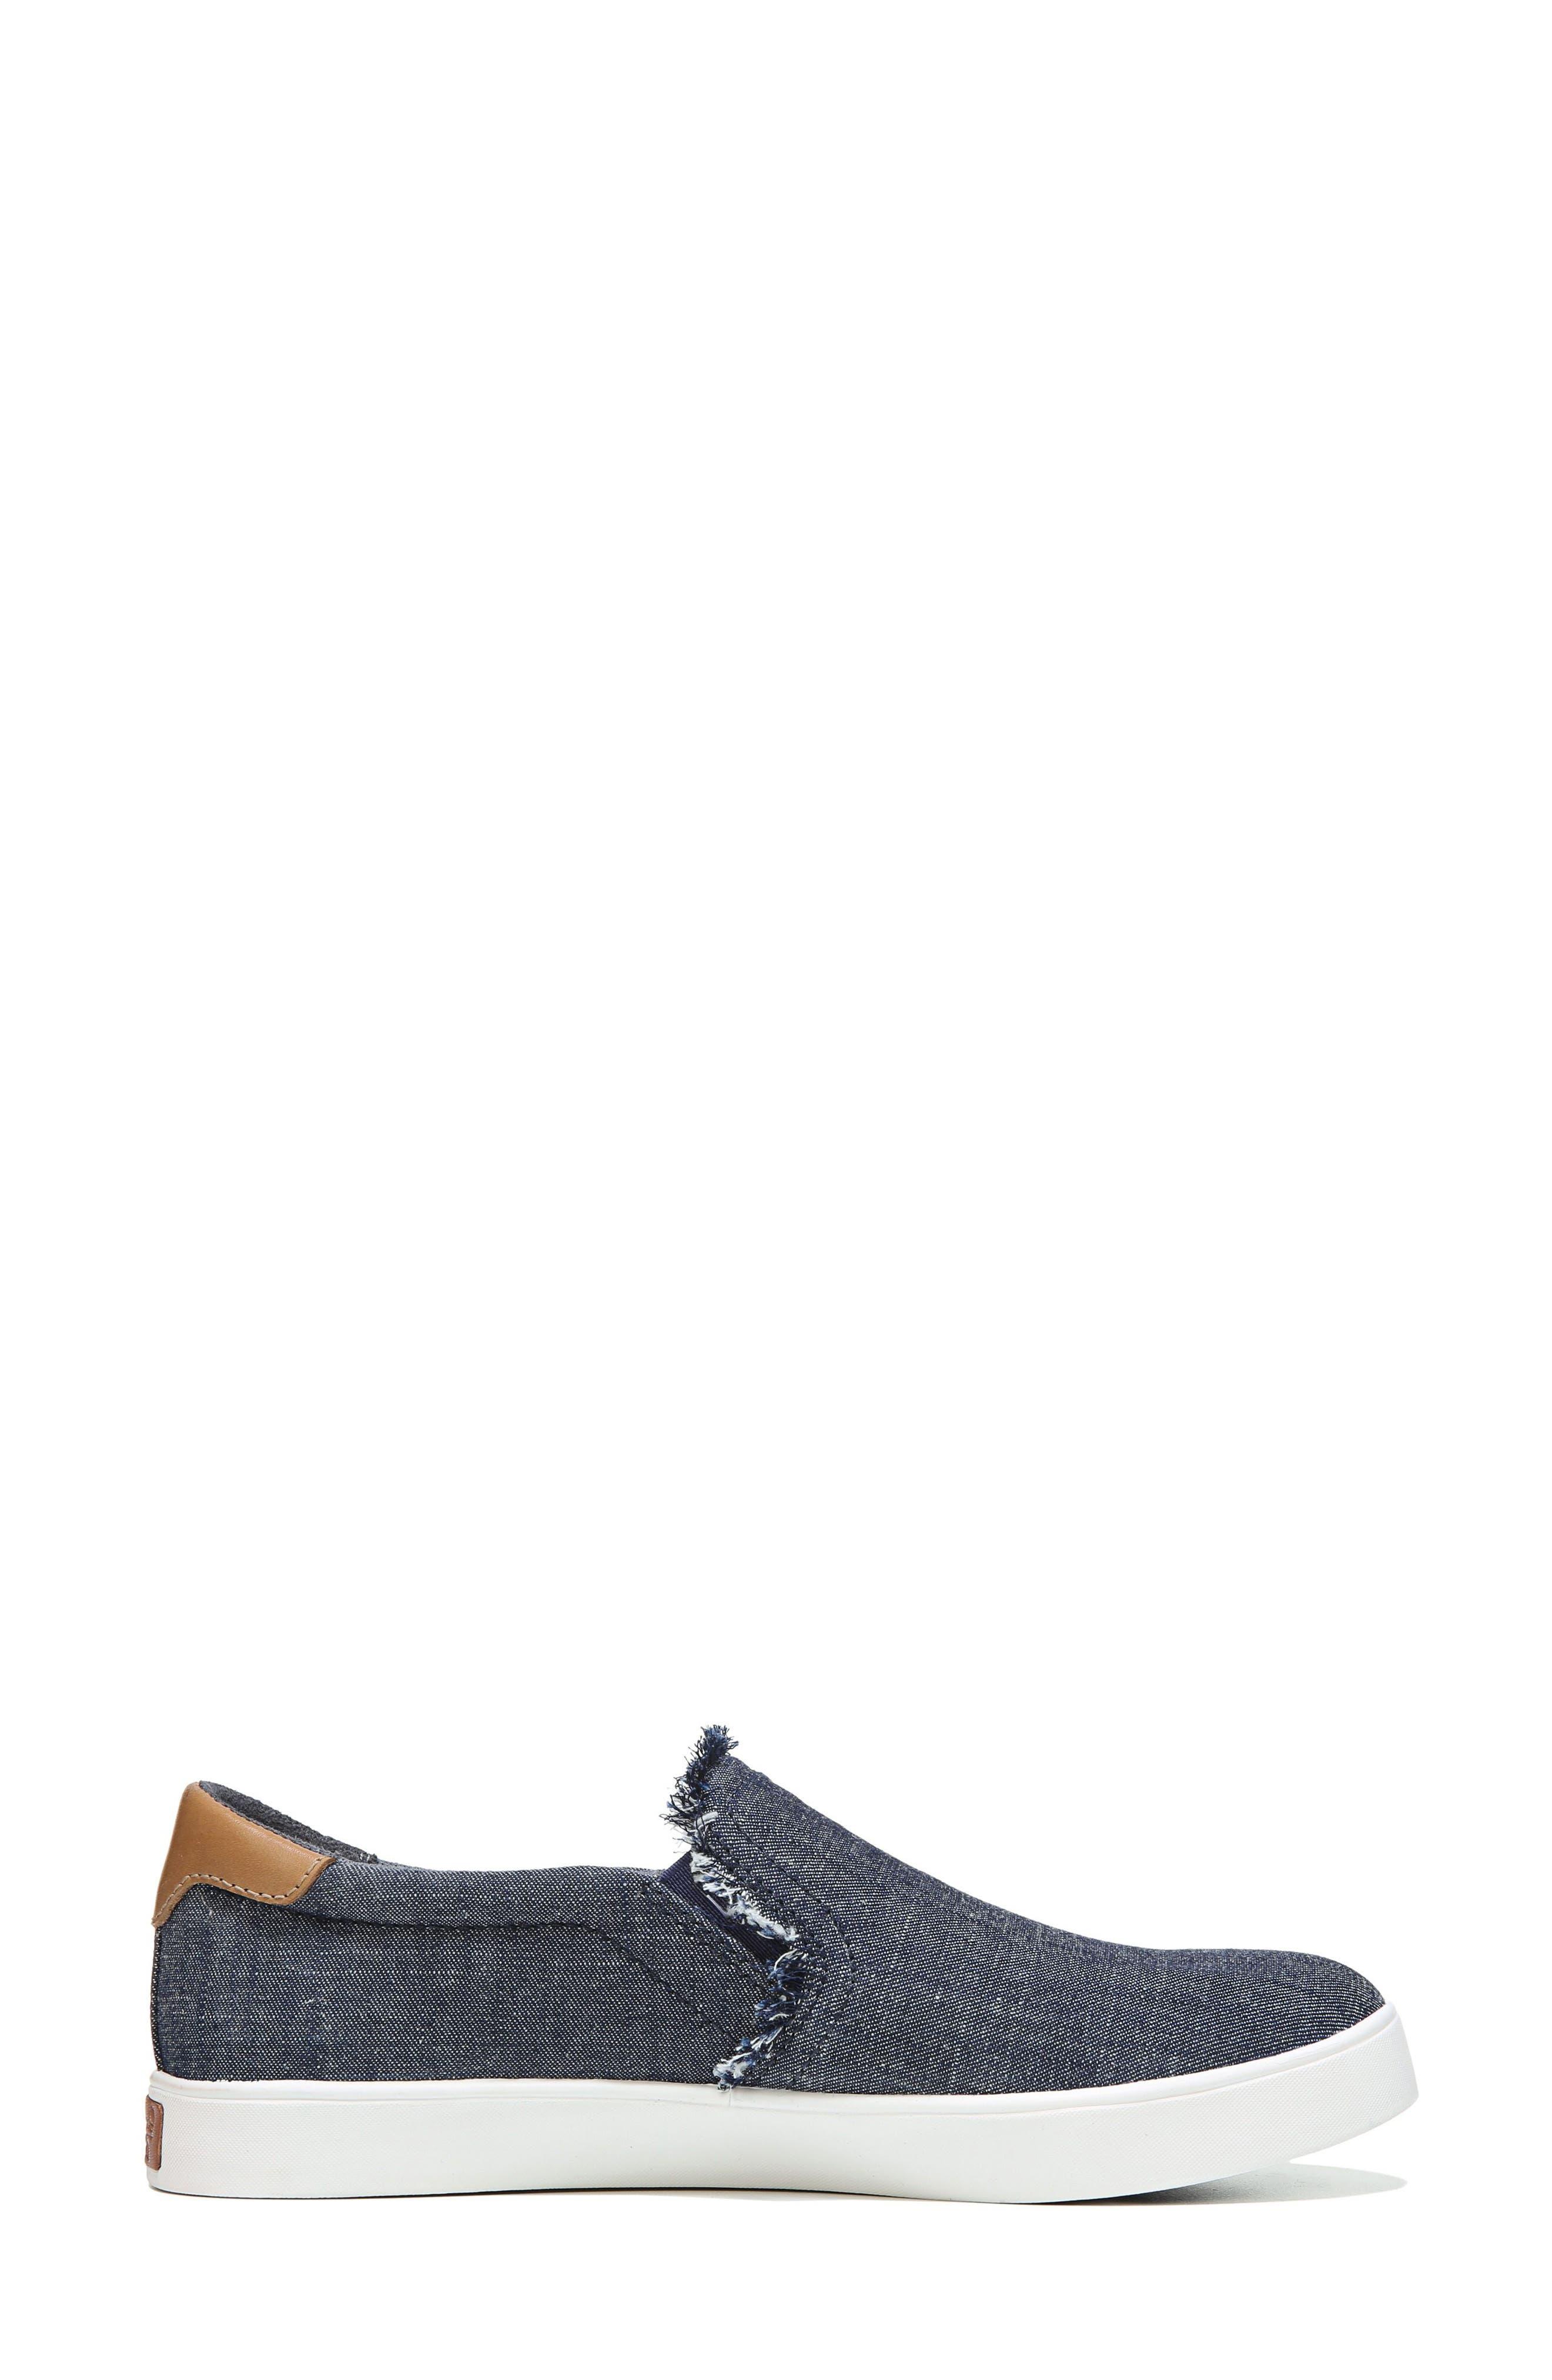 Scout Fray Slip-on Sneaker,                             Alternate thumbnail 9, color,                             400